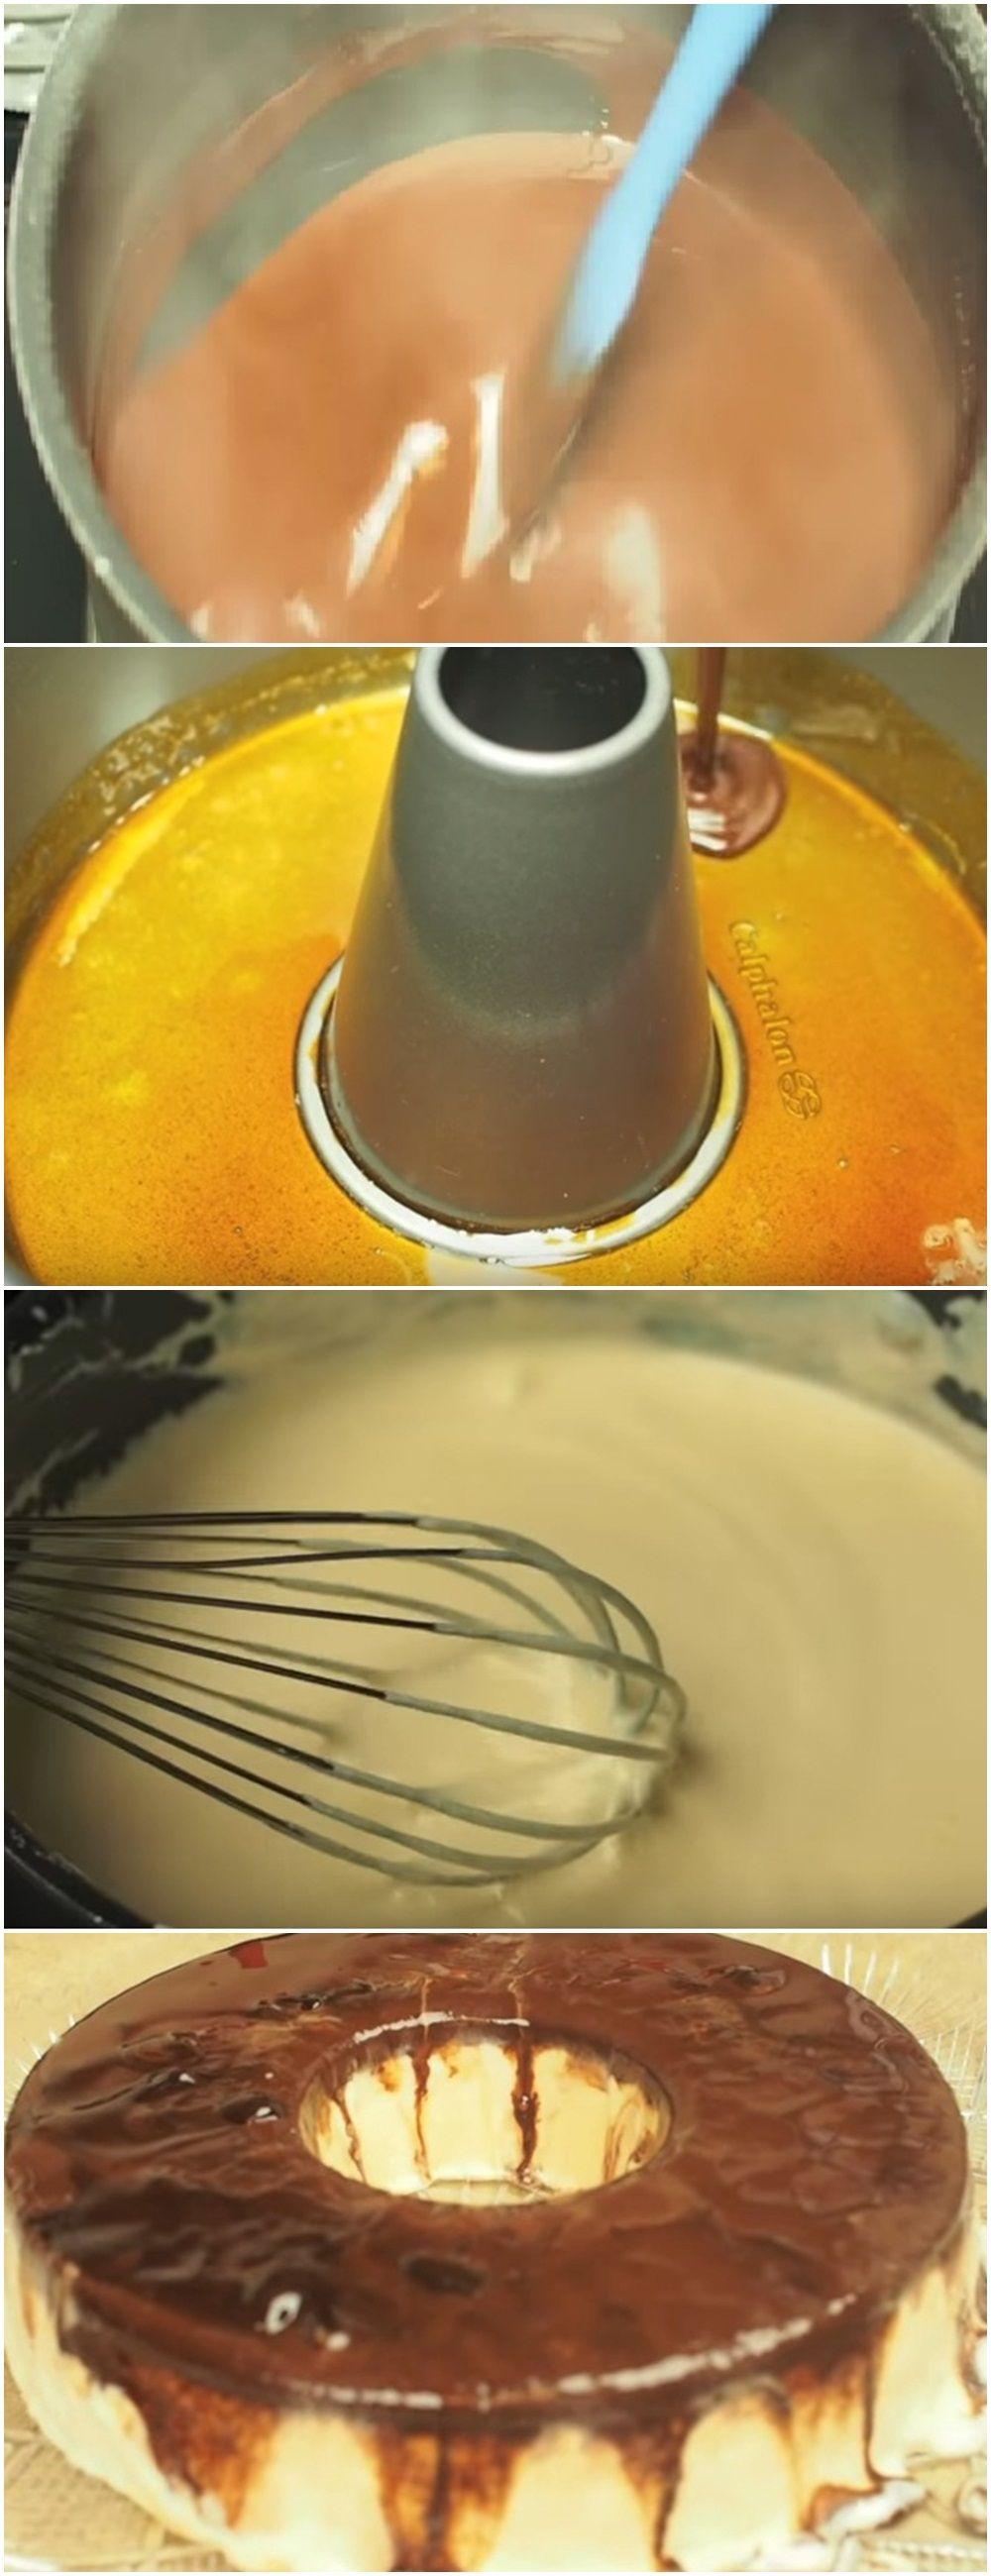 Torta De Sorvete De Leite Ninho E Nutella Voce Merece Uma Fatia